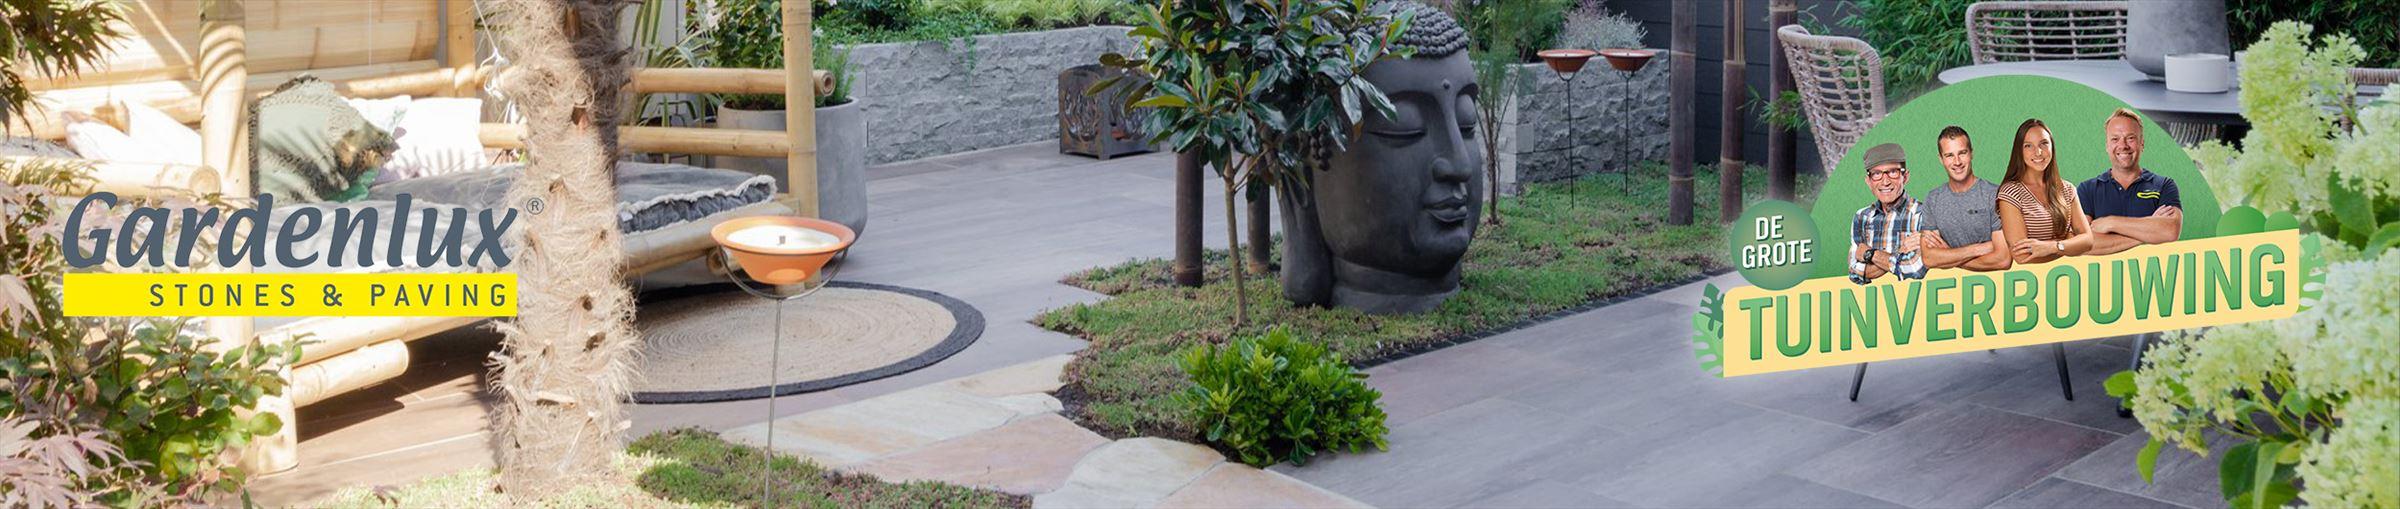 De gebruikte materialen van Gardenlux tijdens de Grote Tuinverbouwing